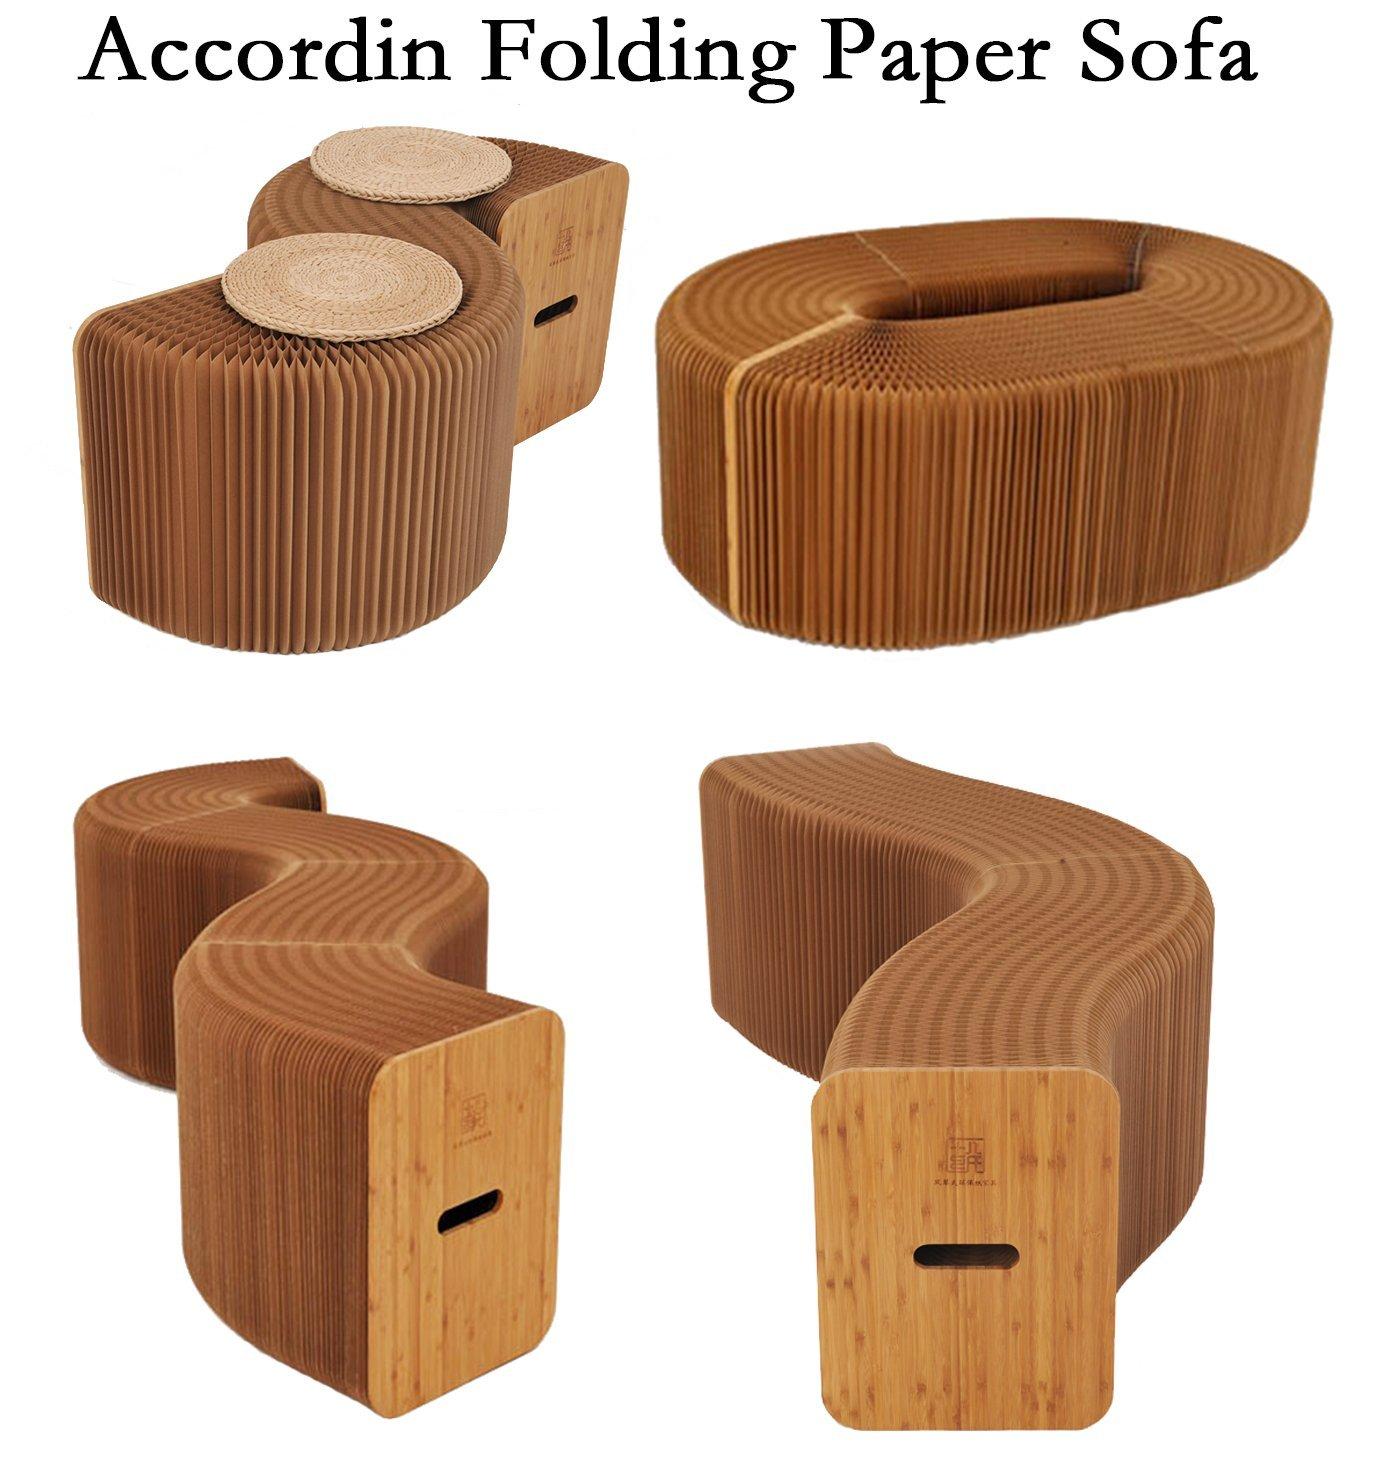 Meubles de maison Softeating Moderne Conception Accordin Pliage Papier Tabouret Canapé Chaise Kraft Papier Relaxant des Pieds salon et Salle à manger